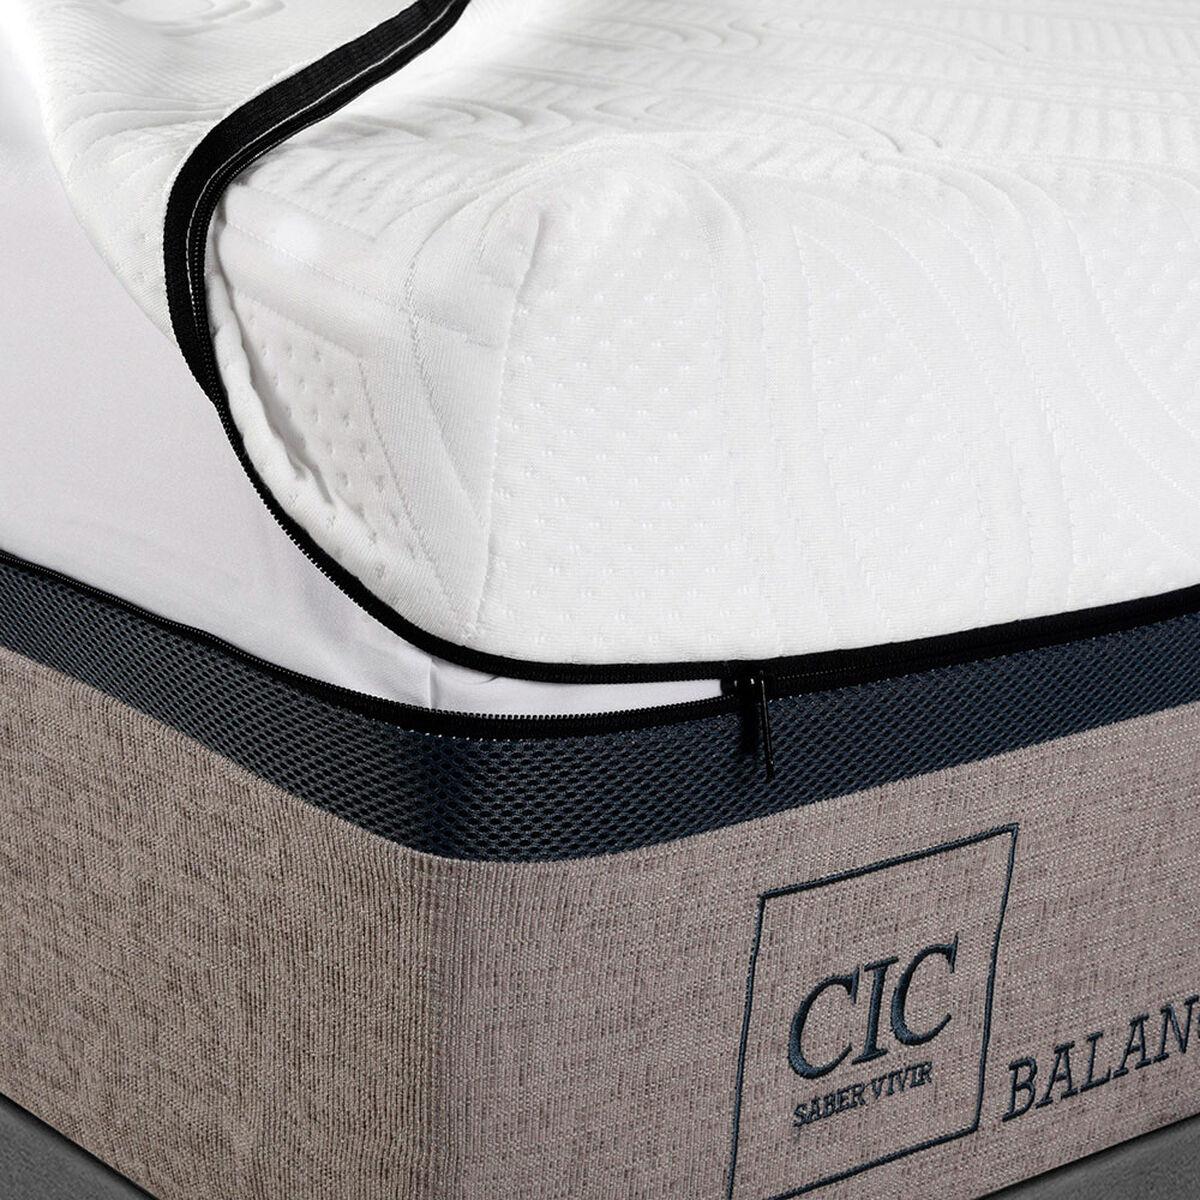 Cama Europea King Div Balance + Textiles + Almohadas